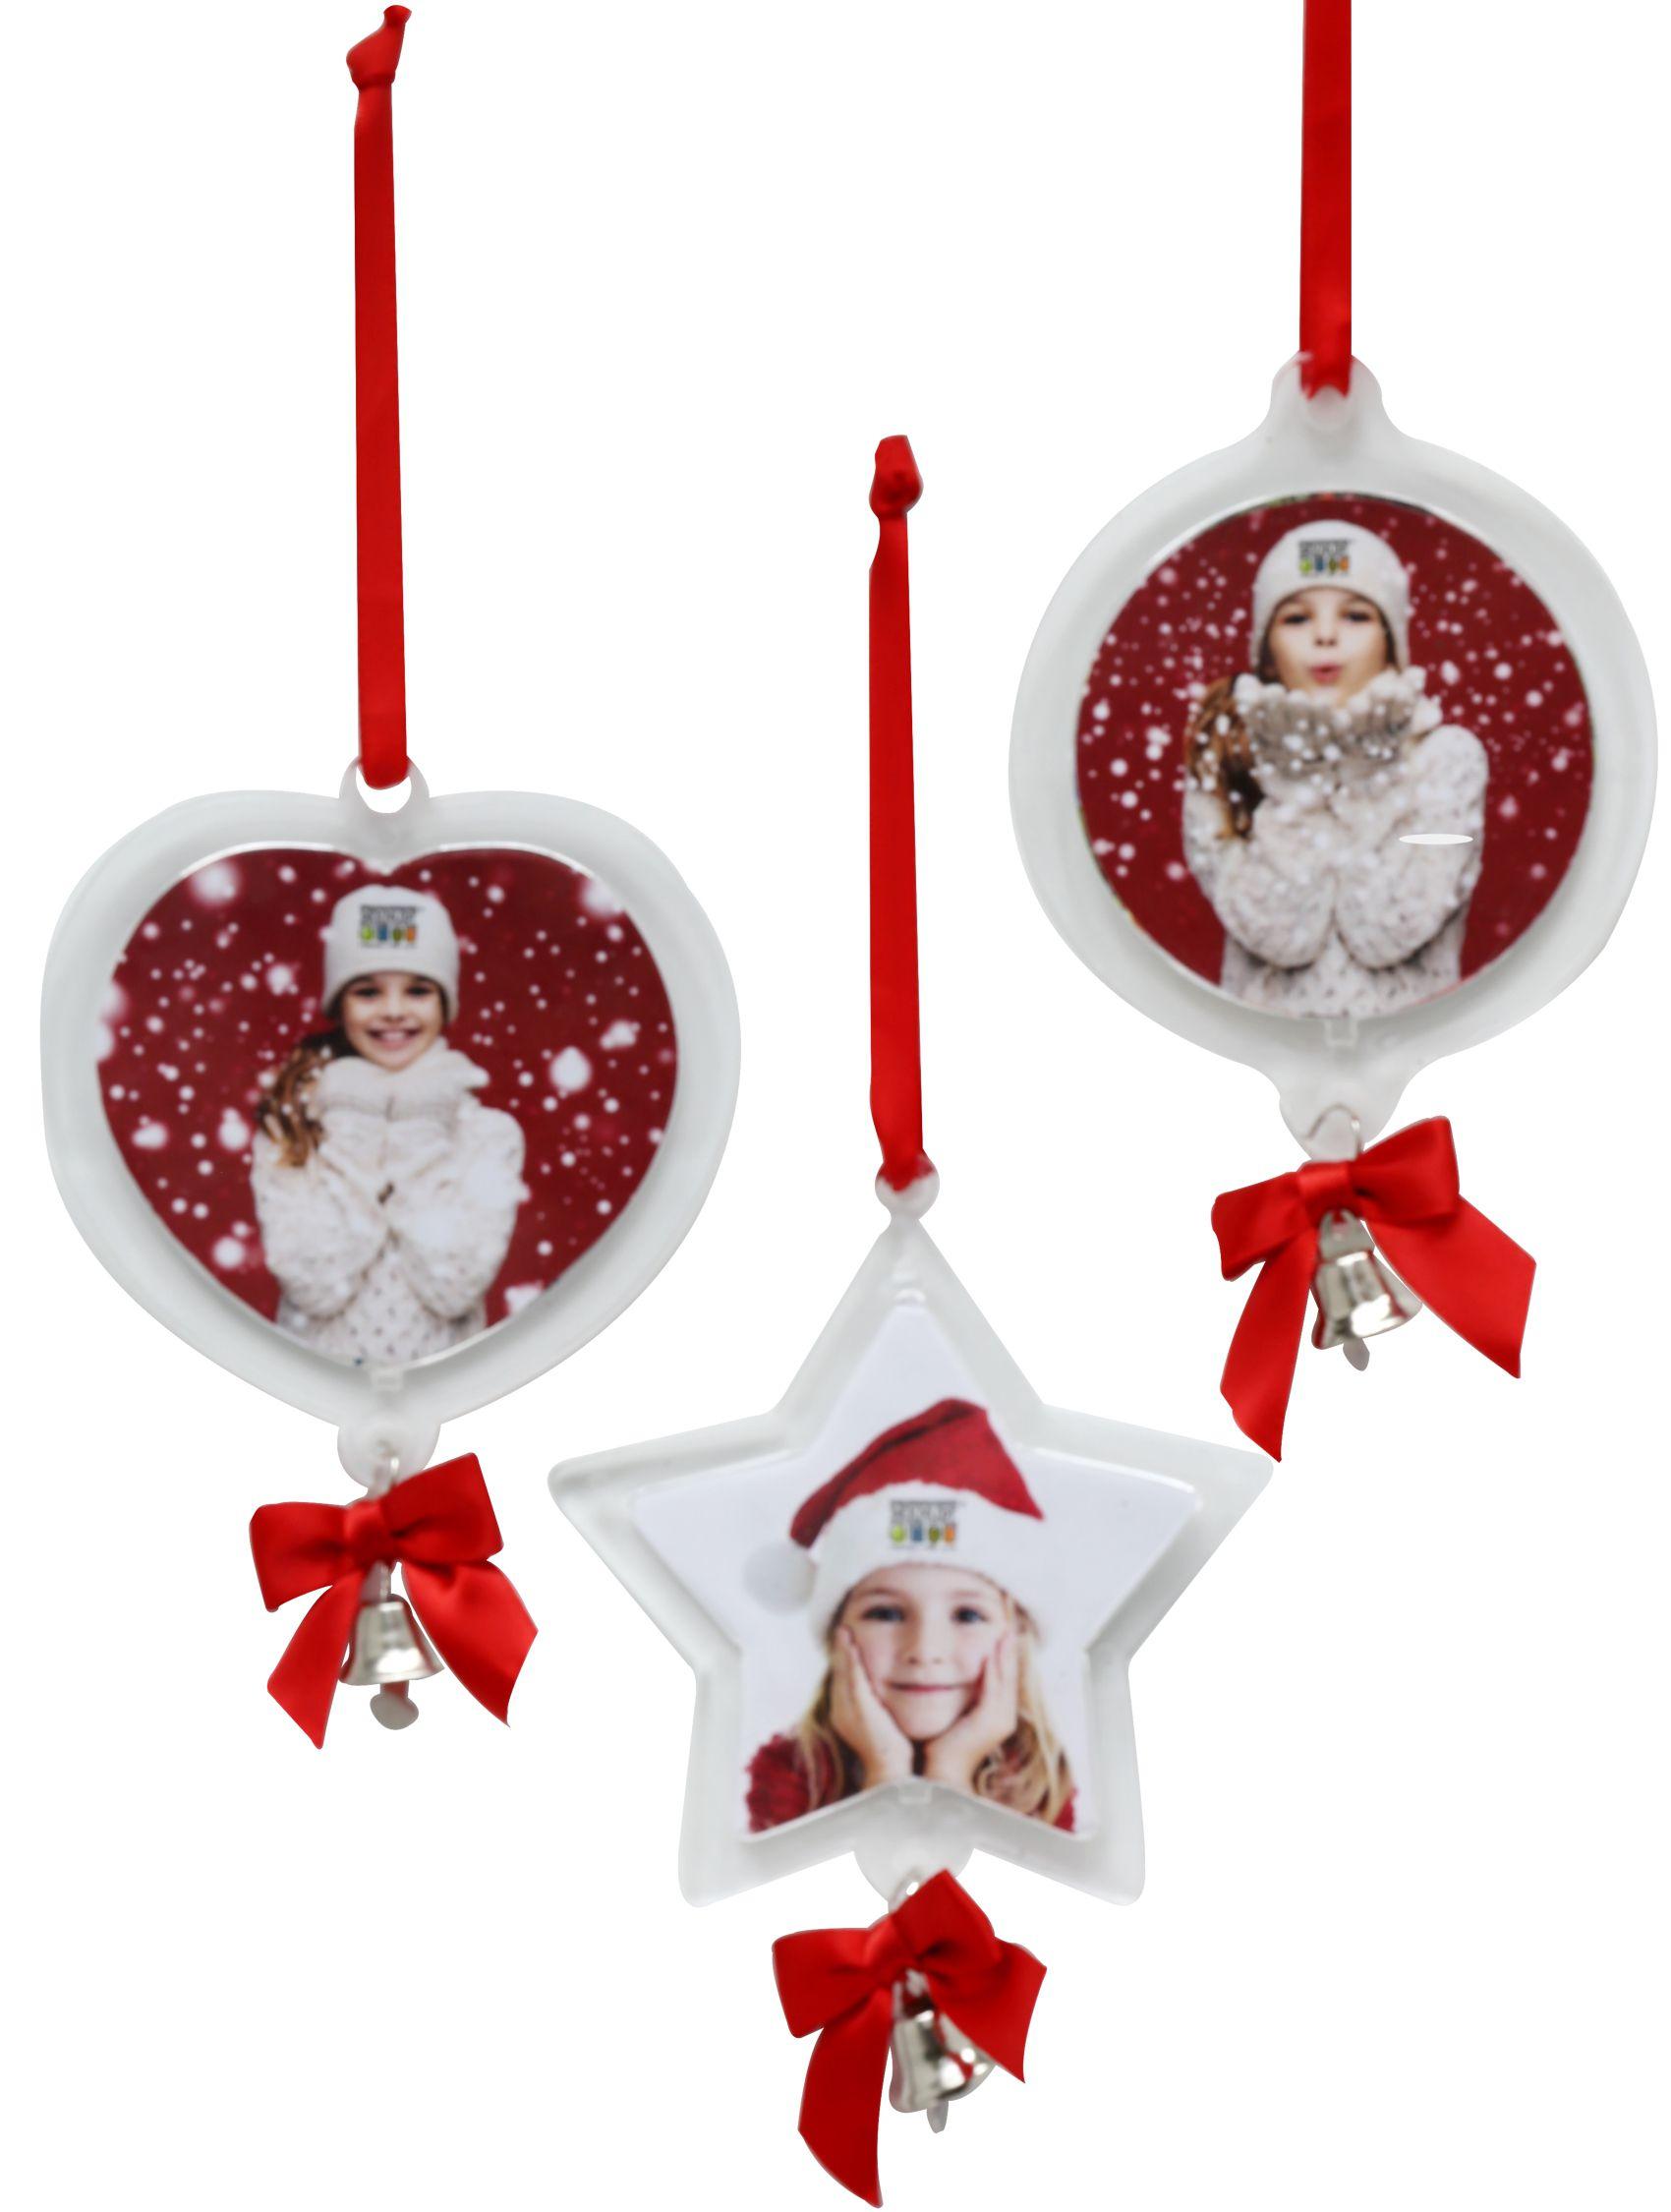 kerst, kerstbal transparant kunststof S66FF2